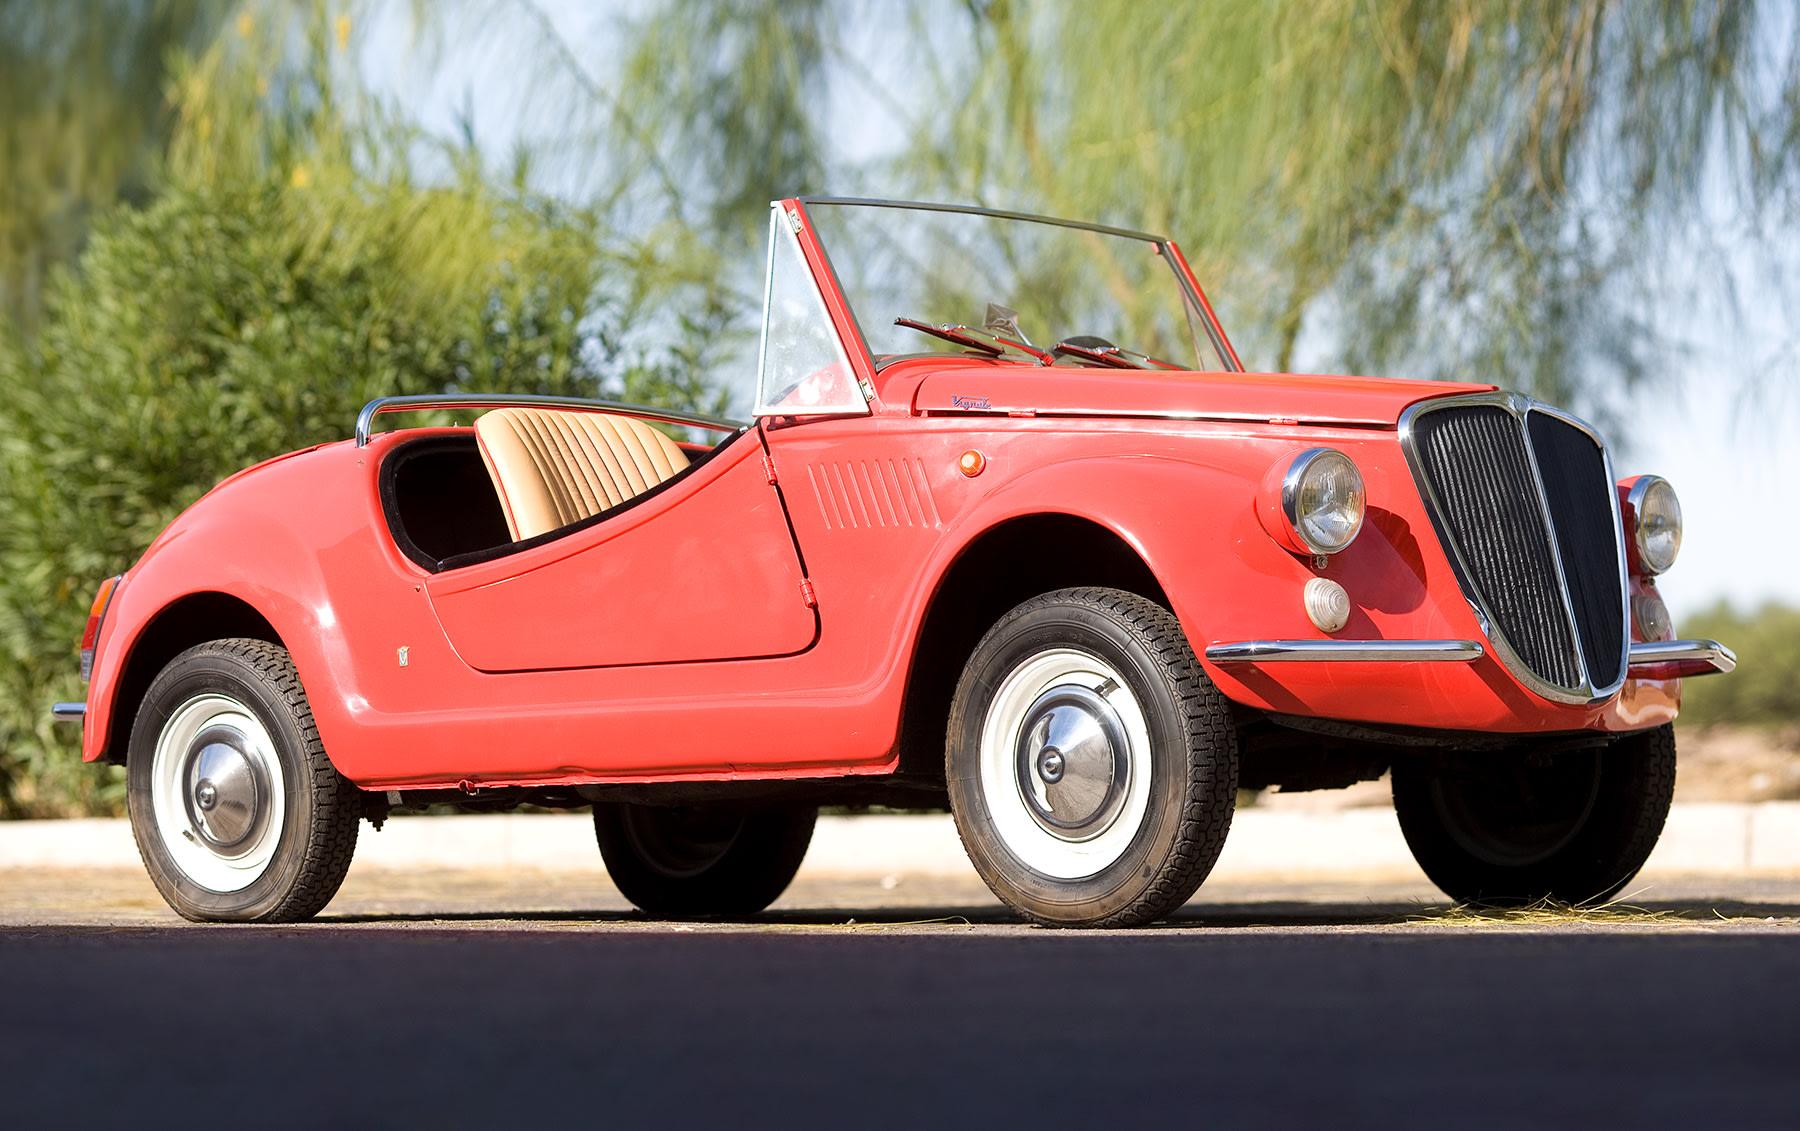 1966 Fiat Gamine